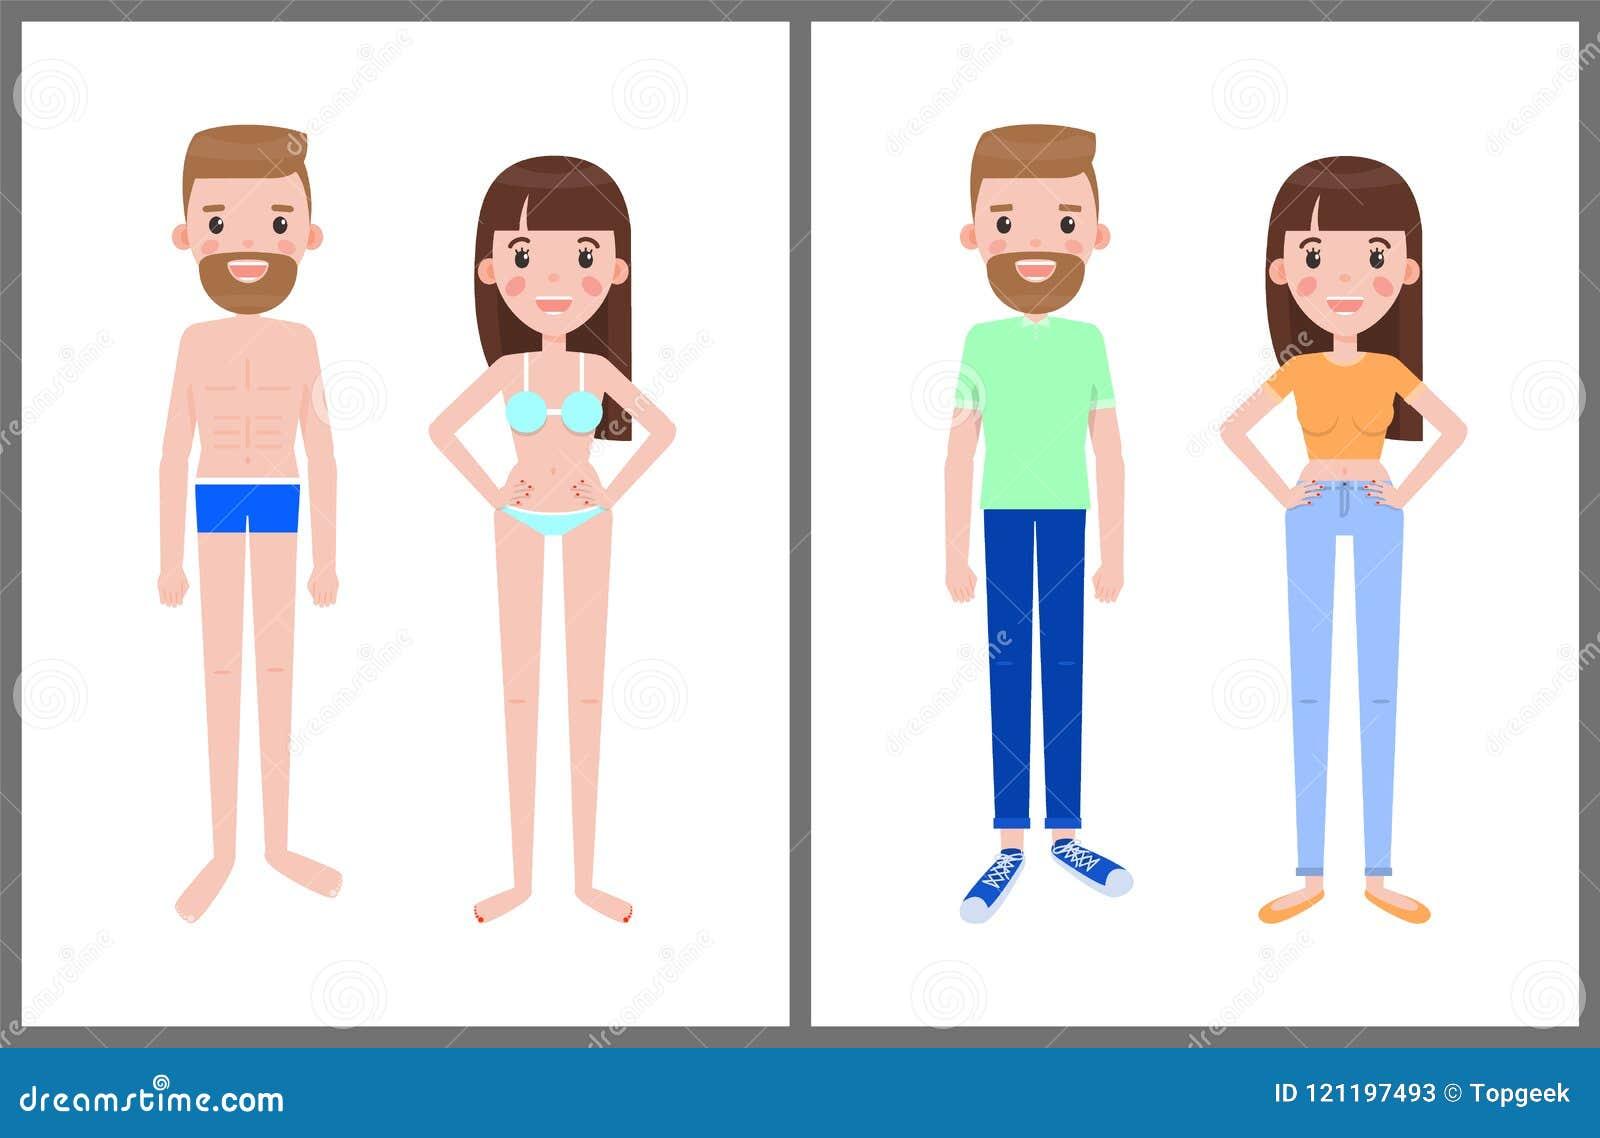 Hombre Del Y De Mujer Ropa Trajes En Ilustración Verano Baño D2EW9IH